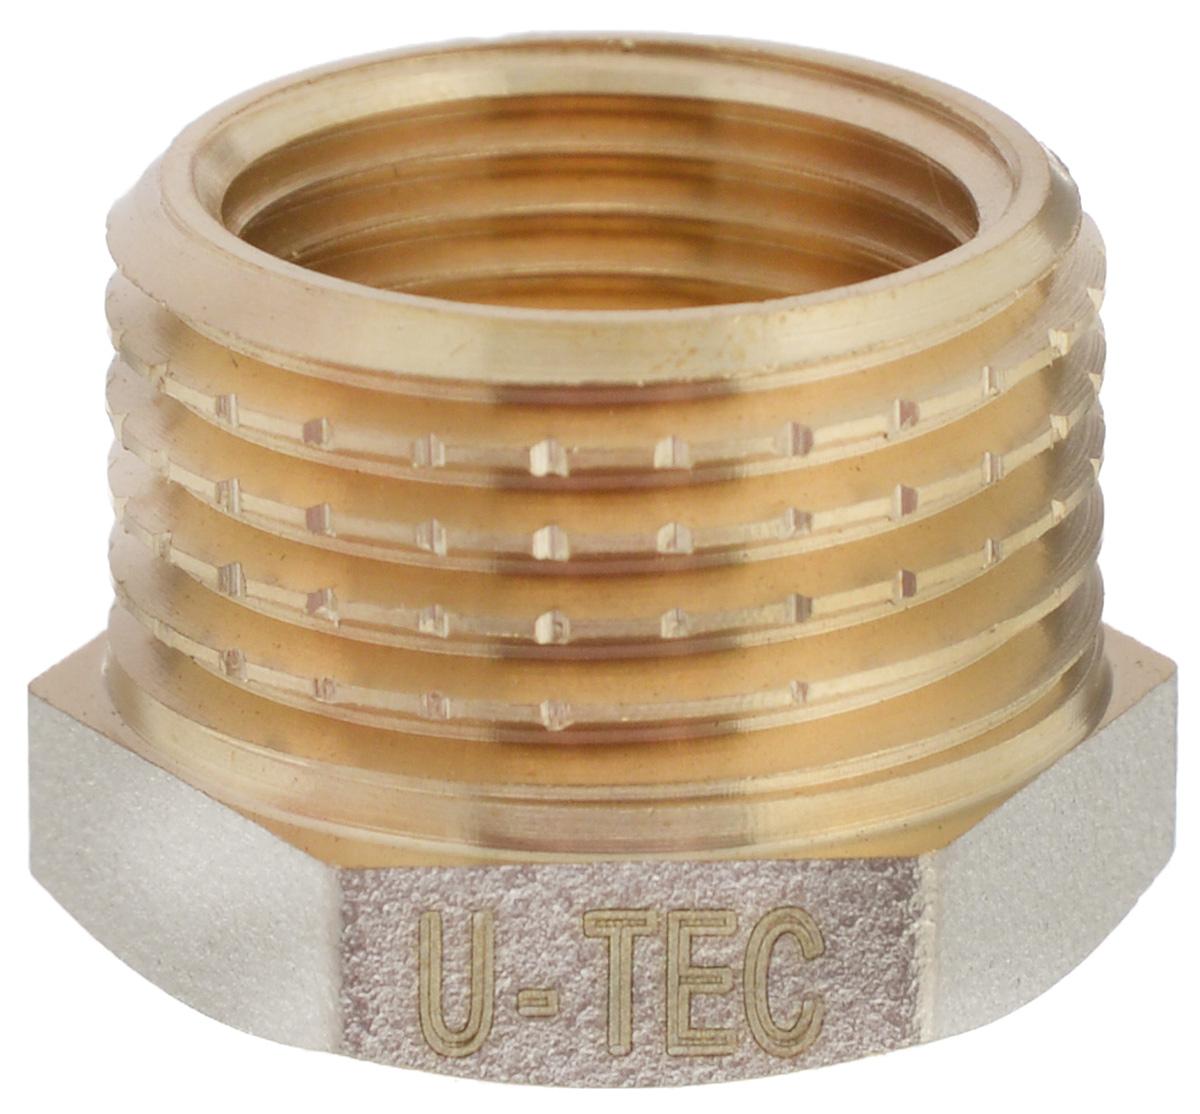 Футорка U-tec с фаской, 1/2 x 3/8UTV 1201.Y 04/BФуторка с фаской U-tec используется совместно с трубопроводом в качестве соединительного элемента. Главная особенность конструкции футорки - это наличие как внешней, так и внутренней резьбы, что позволяет соединить между собой отрезки труб различные по резьбе. С помощью футорки осуществляется переход с внутренней на наружную резьбу, большую по диаметру. Футорка выполнена из латуни, за счет чего не подвергается коррозии и любым механическим и химическим воздействиям. Приспособление просто незаменимо в случае создания водопроводной или газовой магистрали.Резьба: 1/2 x 3/8.